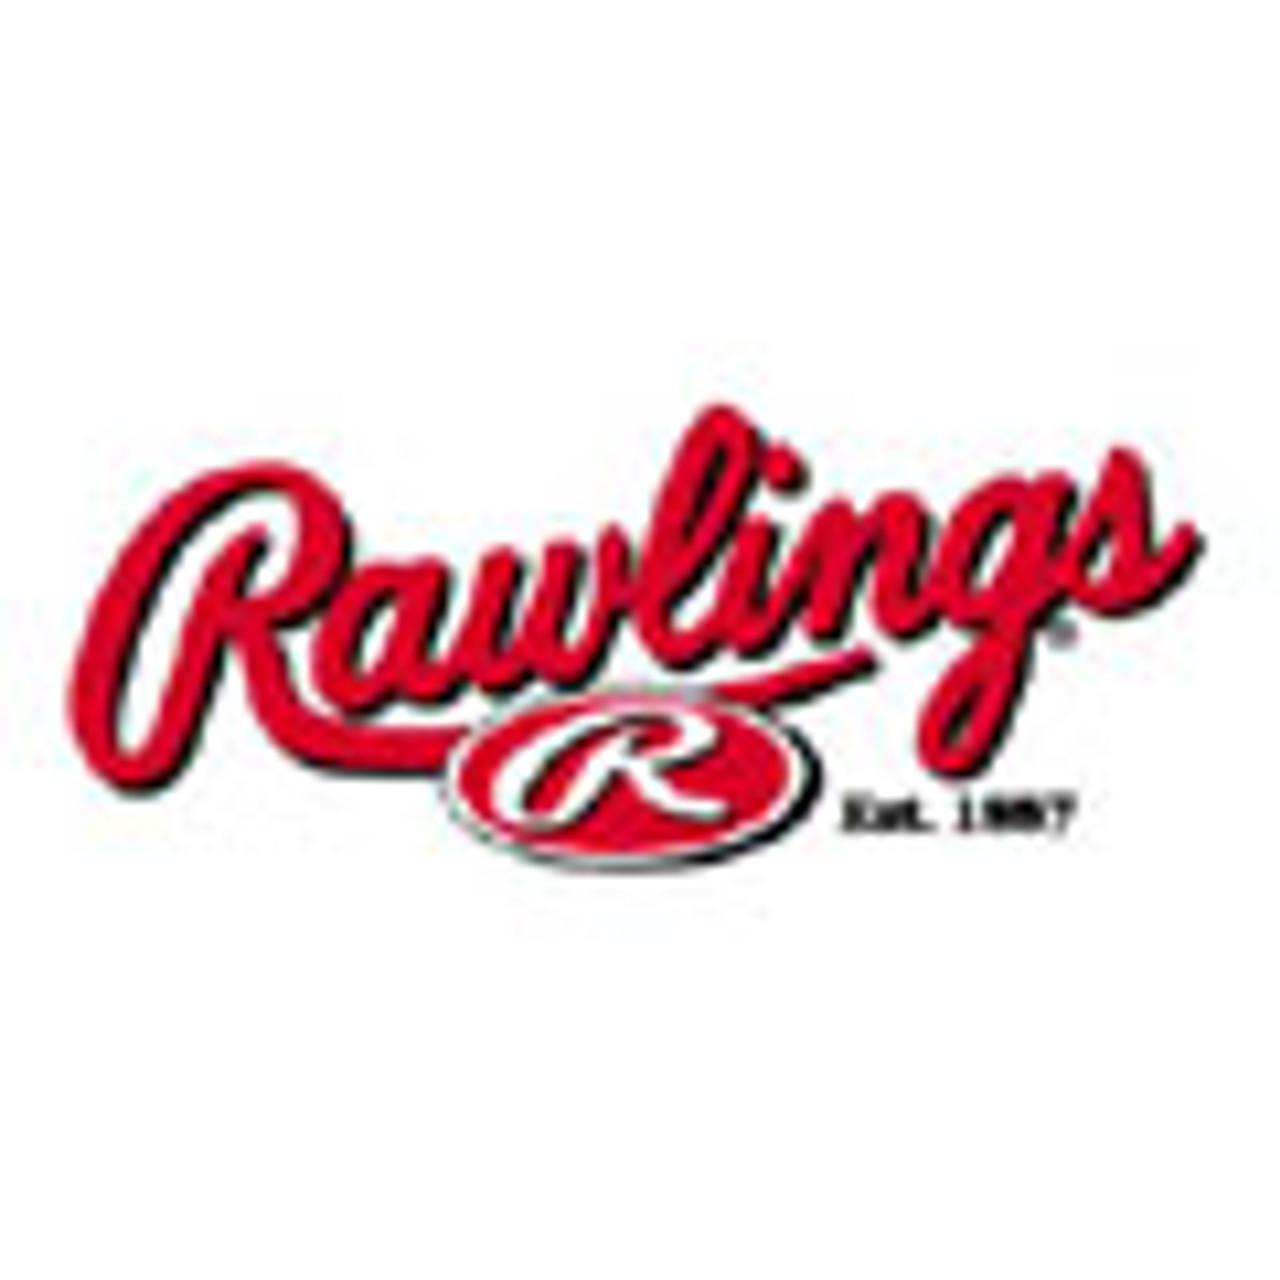 Rawlings Baseball Bats